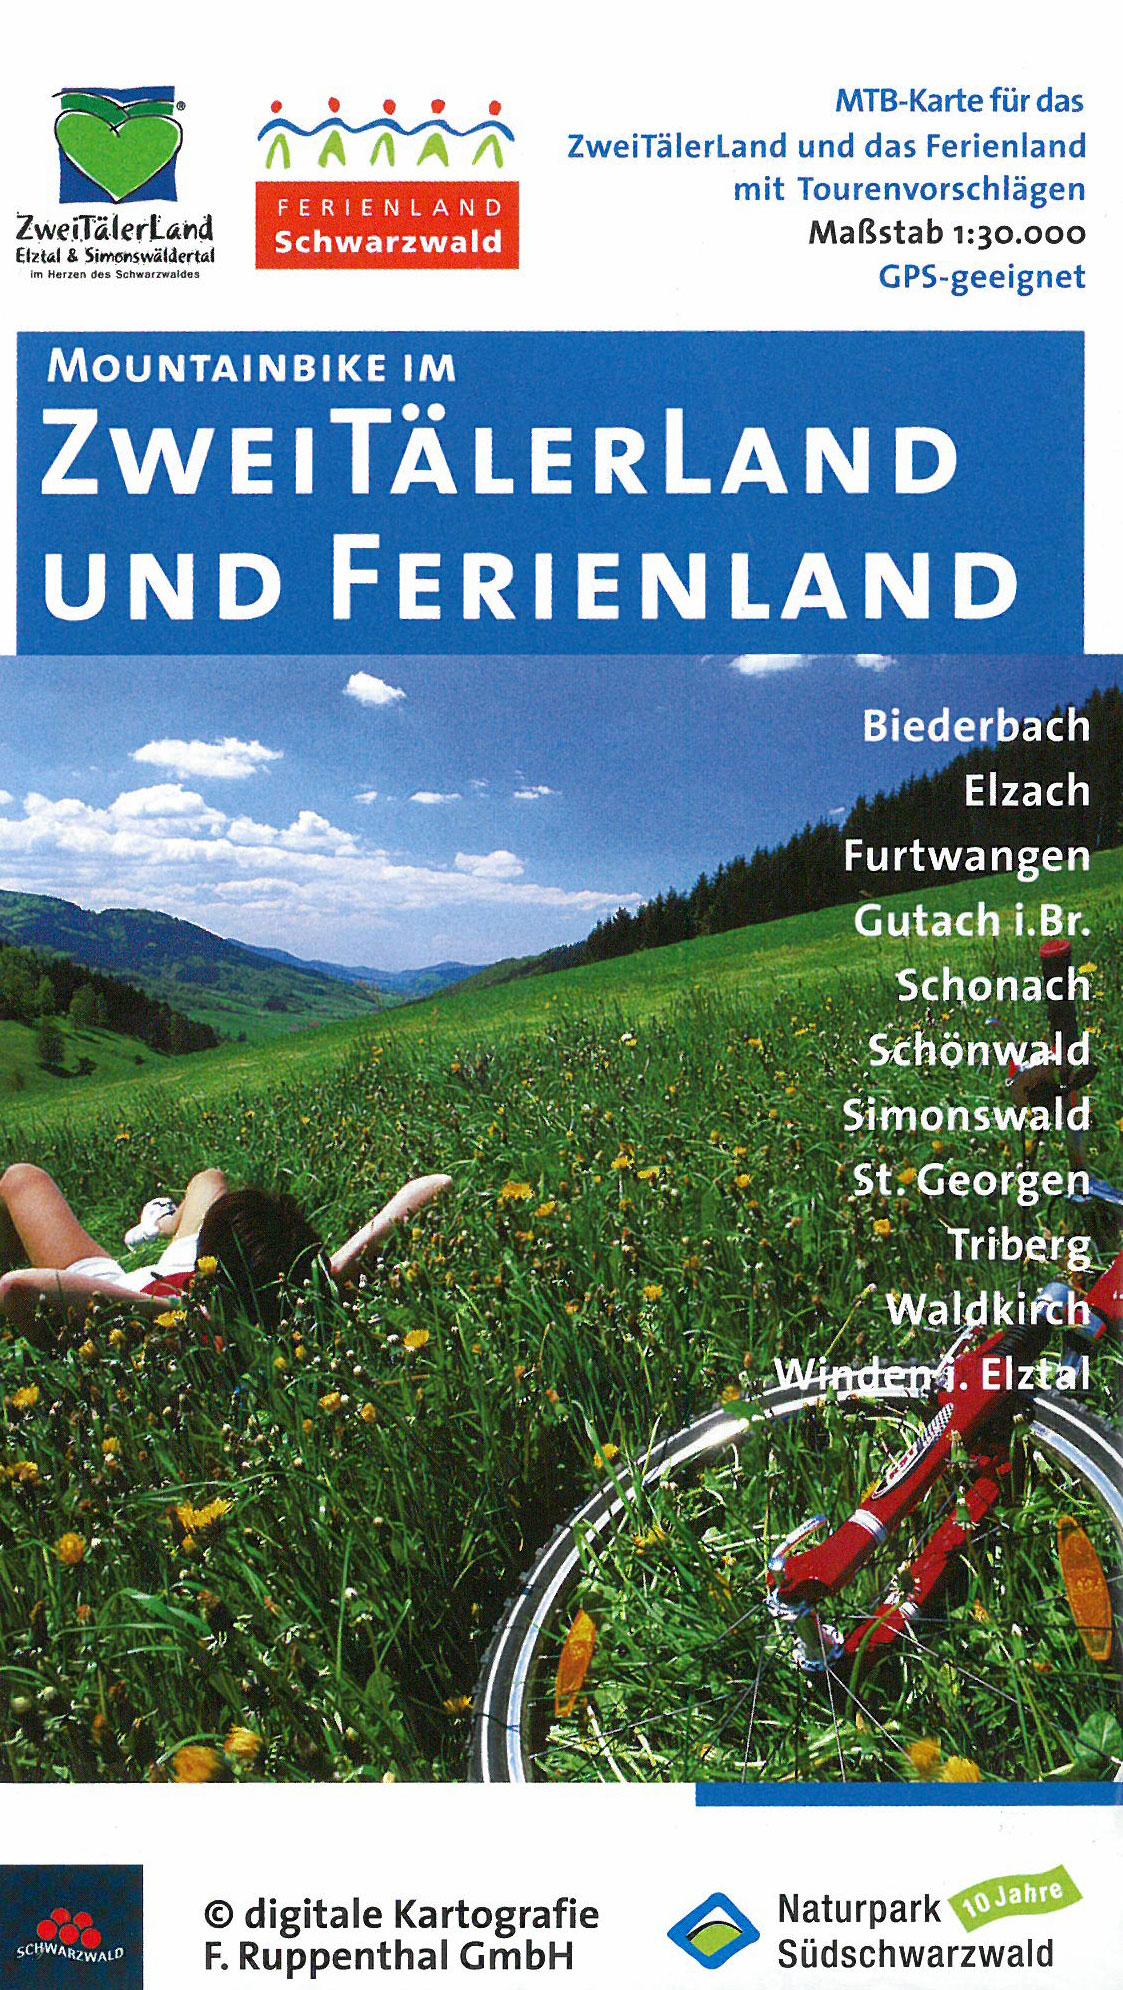 Mountainbikekarte Ferienland Schwarzwald